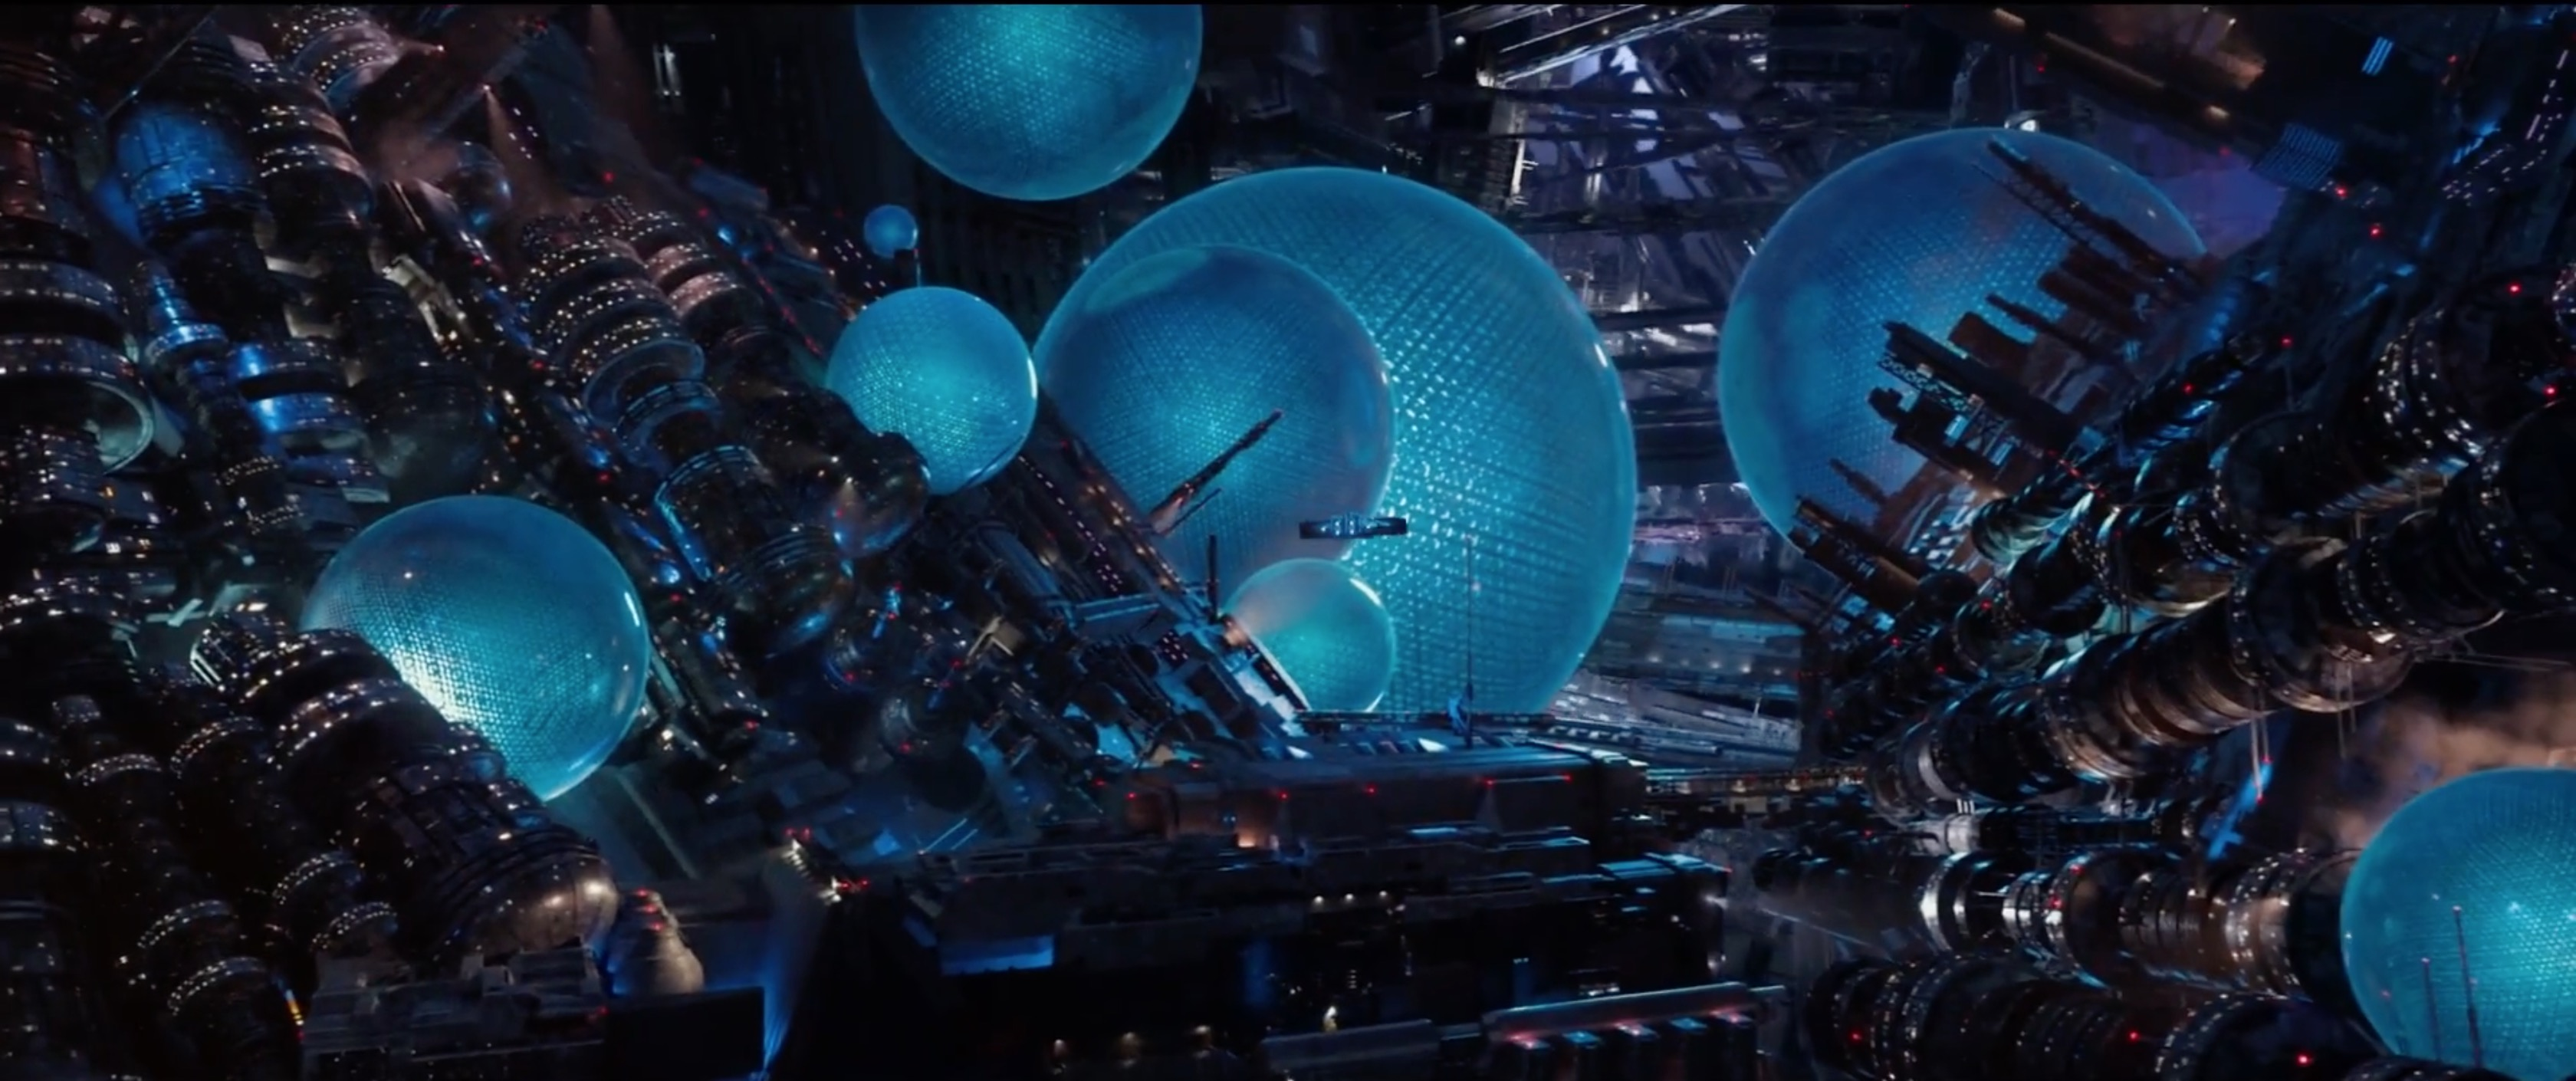 从这次电影的名字《星际特工:千星之城》可以看出,其实大导是有计划